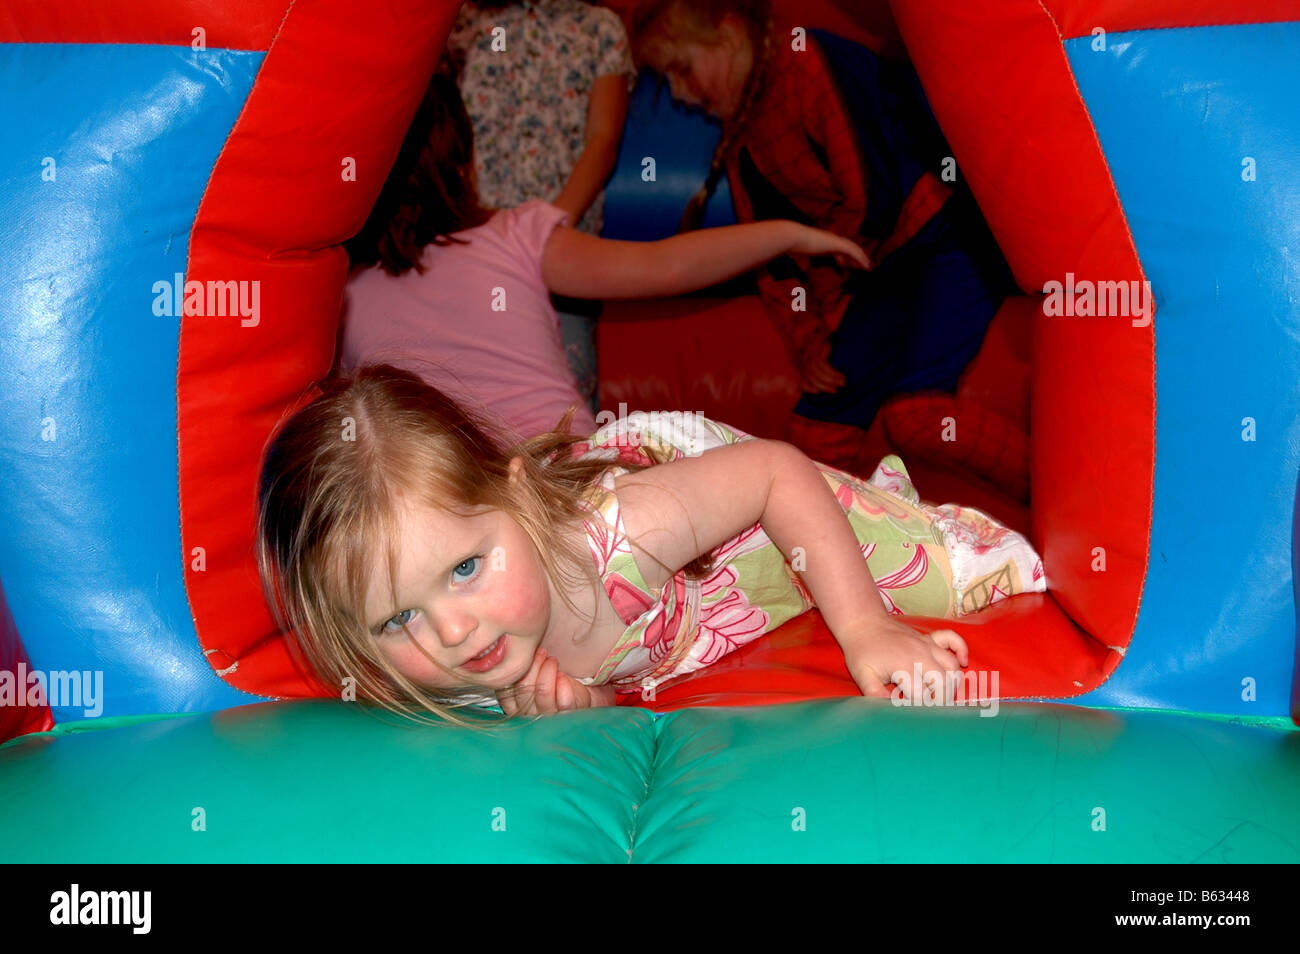 Kinder spielen auf einer Hüpfburg. Stockbild